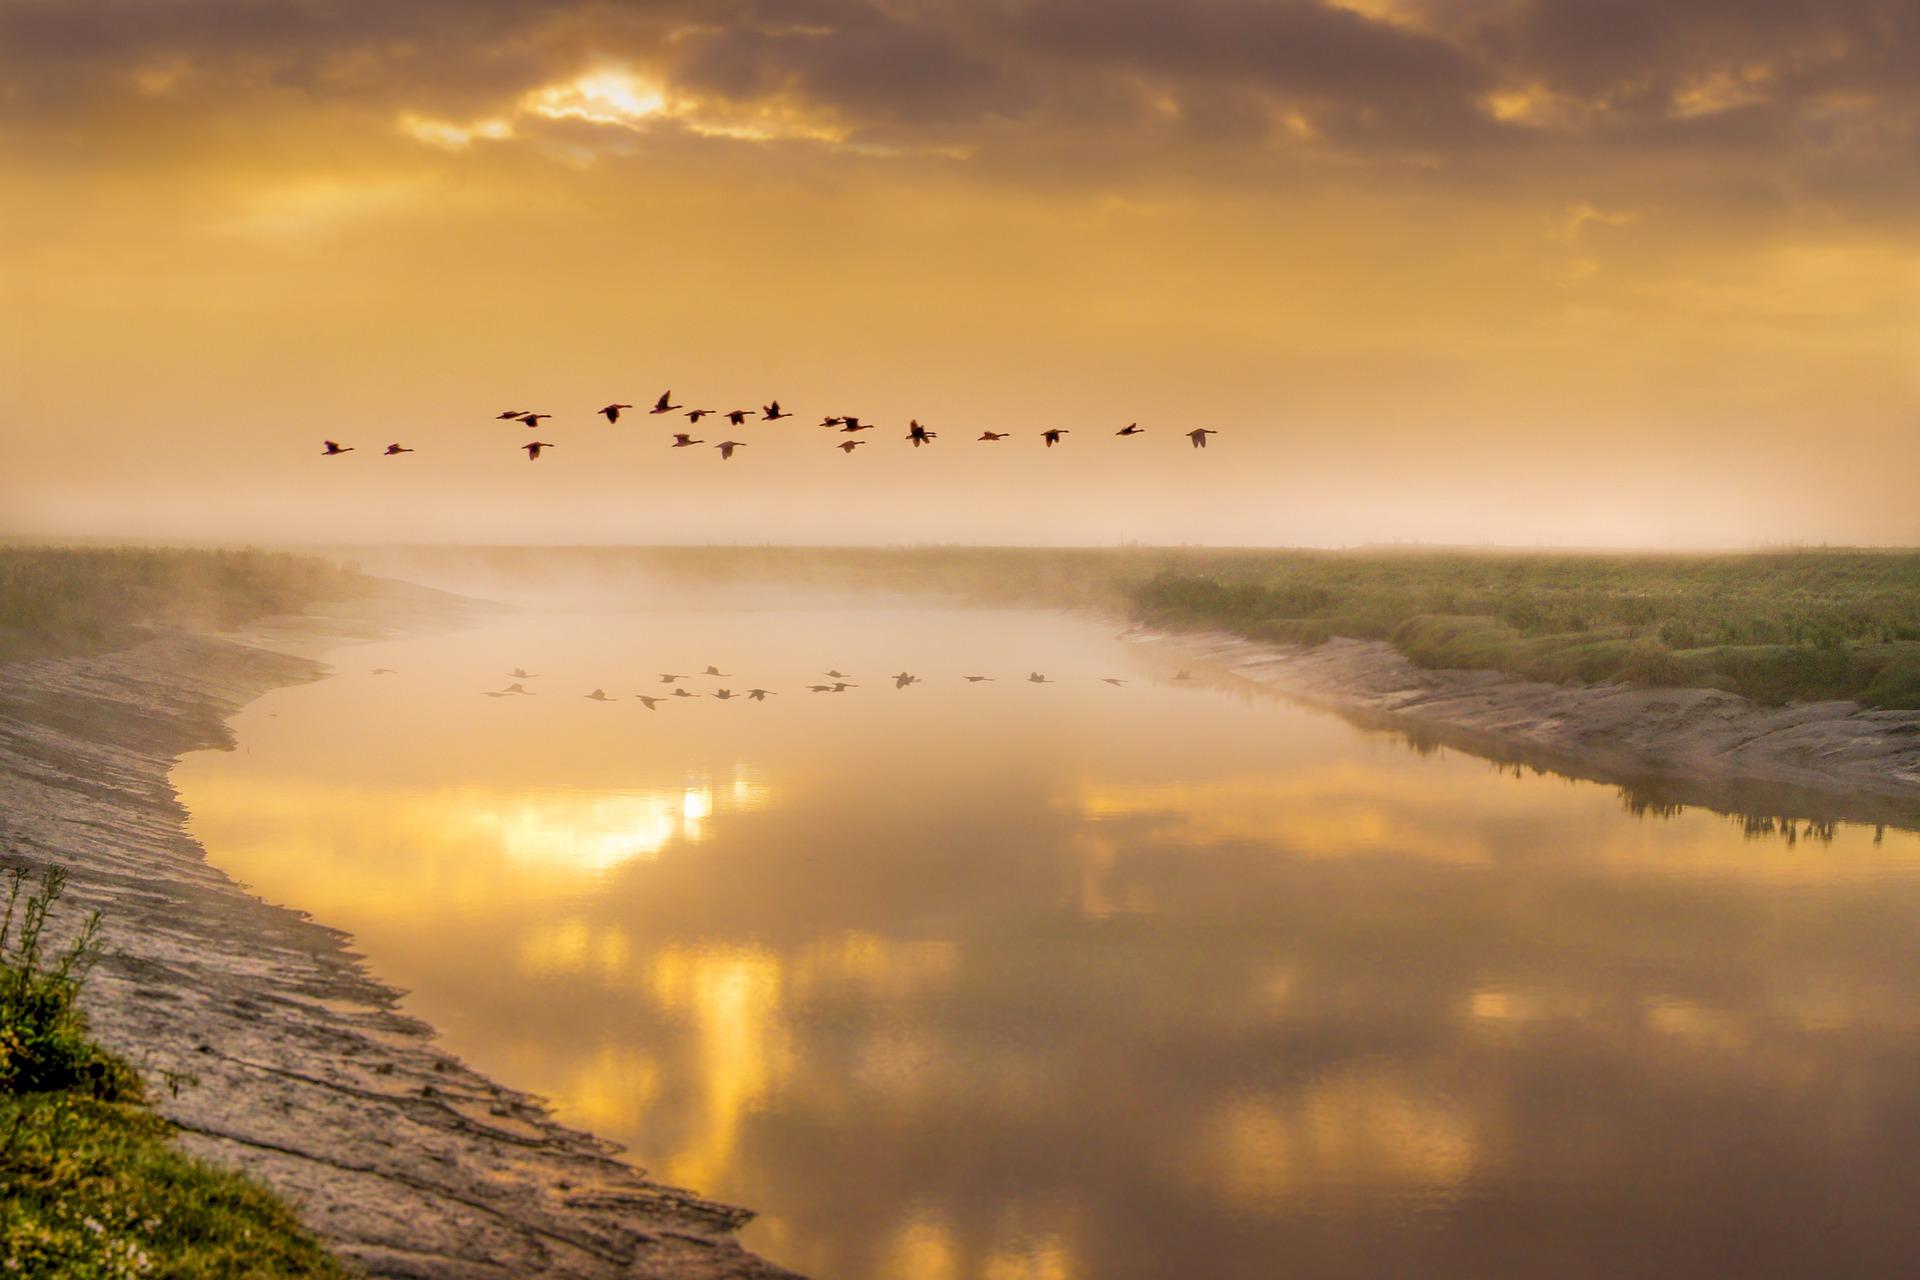 birds-in-flight-5366034_1920